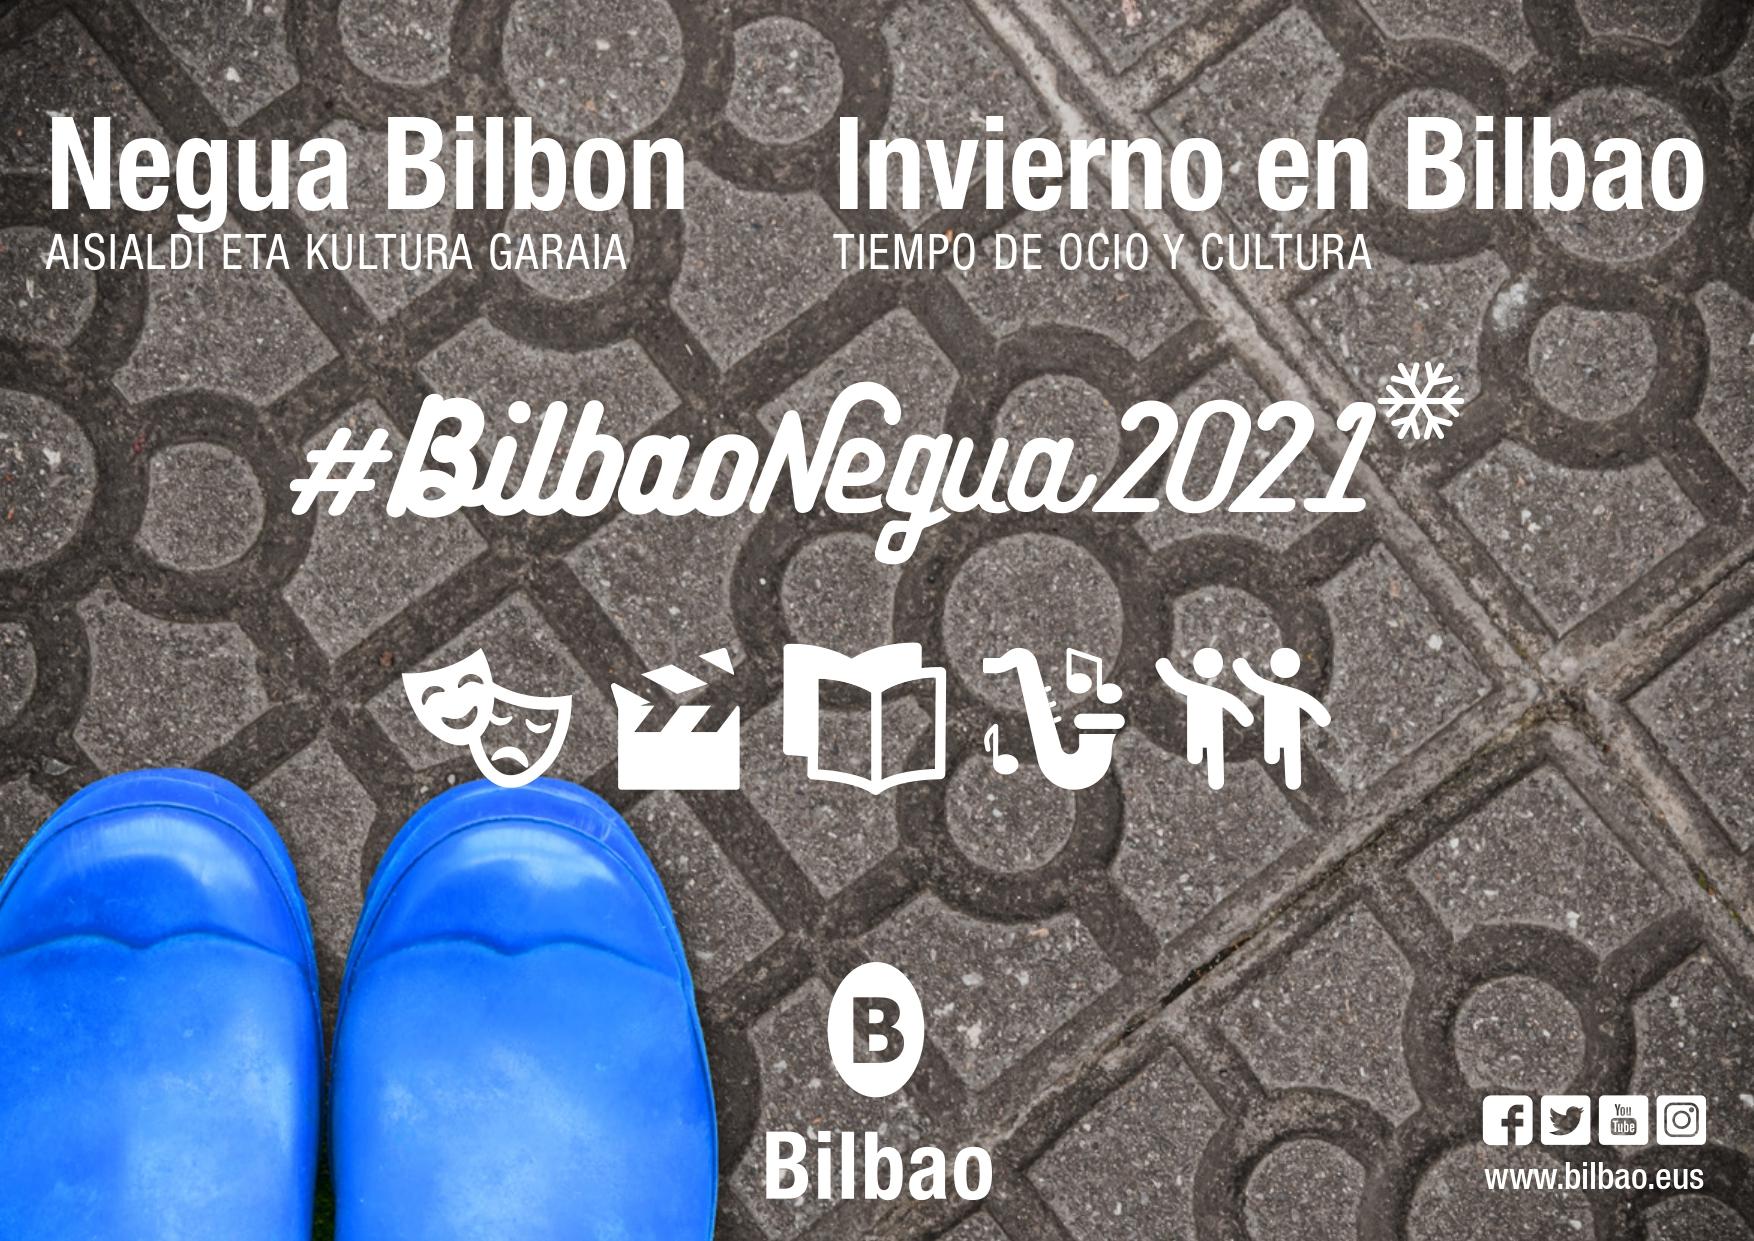 El Ayuntamiento de Bilbao propone 30 citas para disfrutar de una semana llena de planes culturales